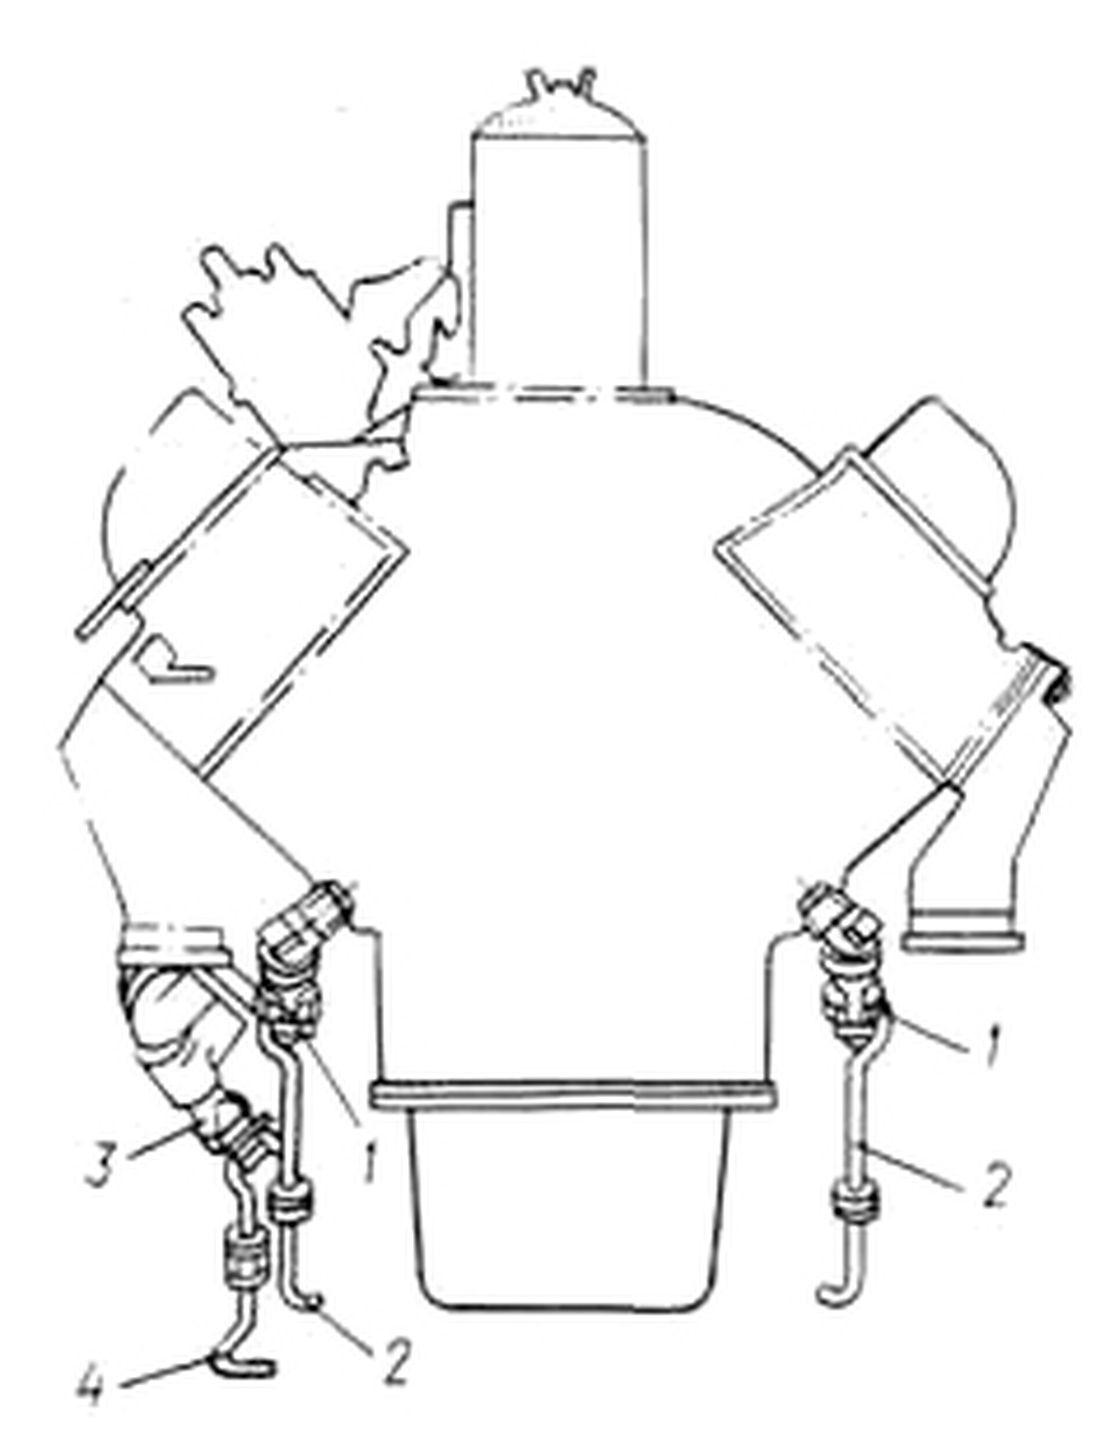 Схема дистанционного управления сливными кранами Зил 130